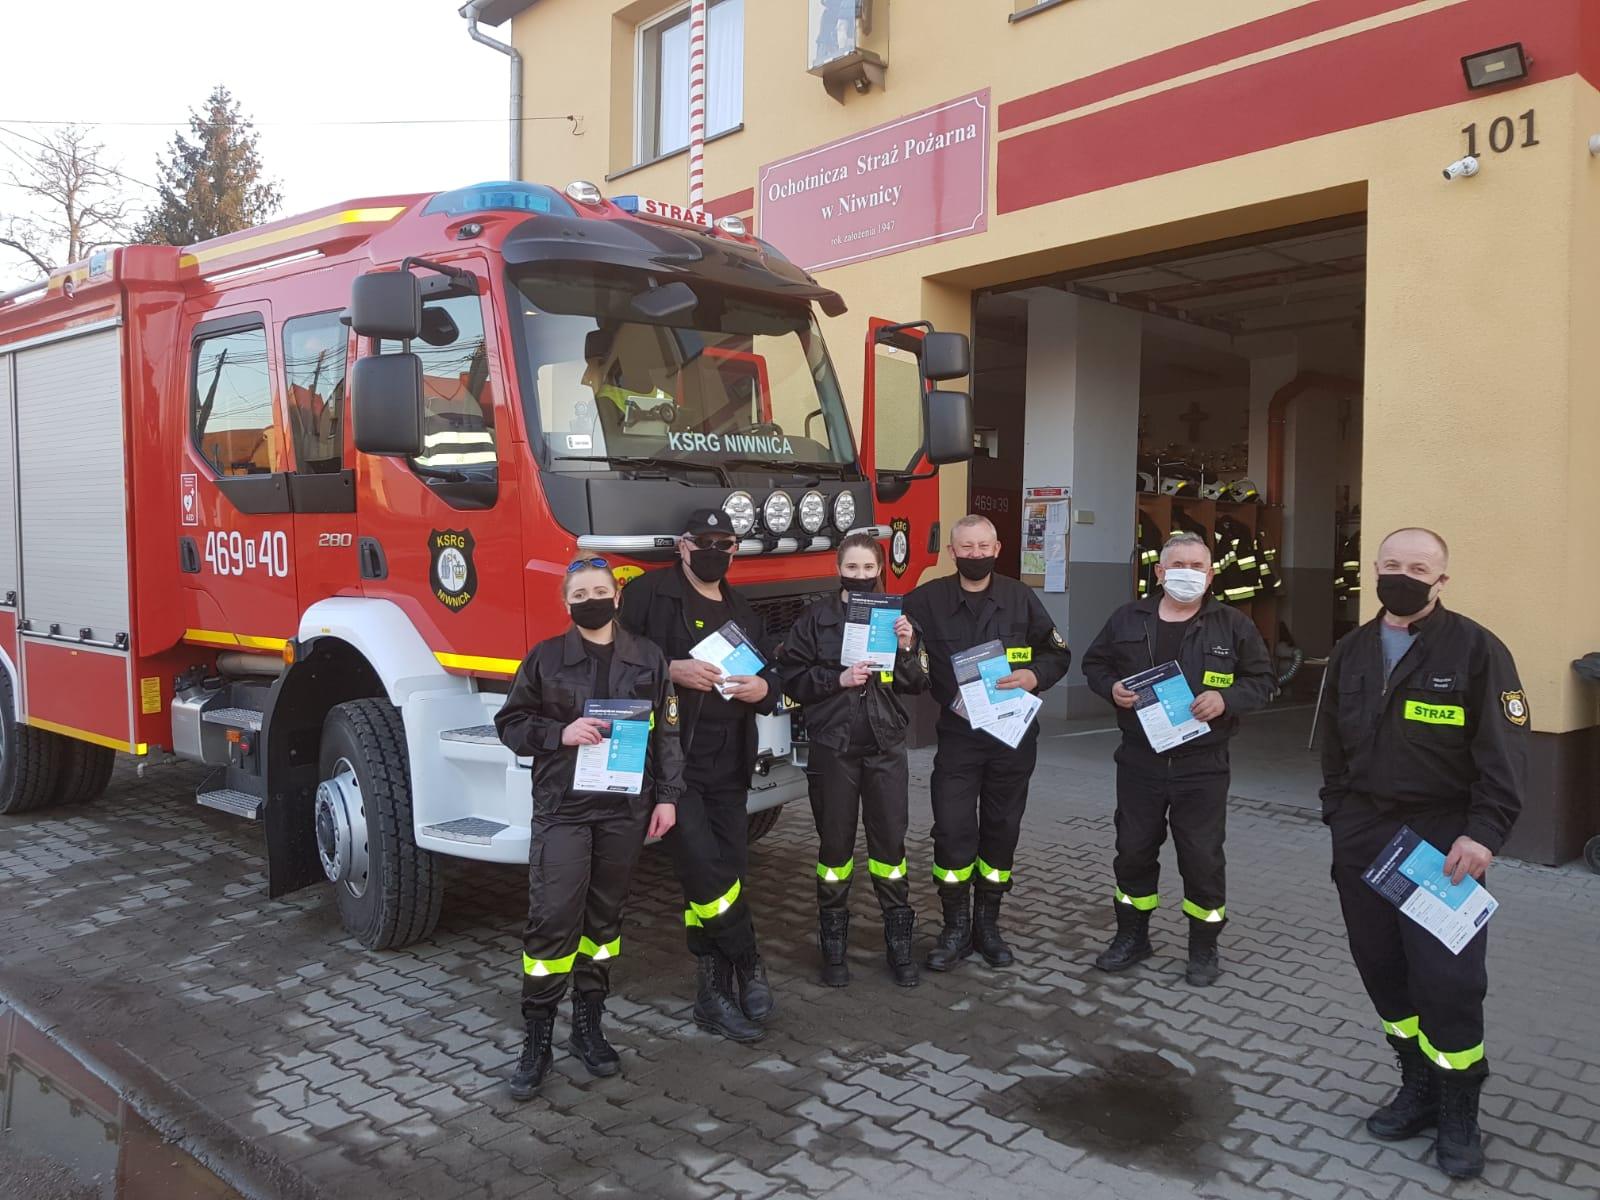 Strażacy ochotnicy roznosili ulotki dla mieszkańców gminy